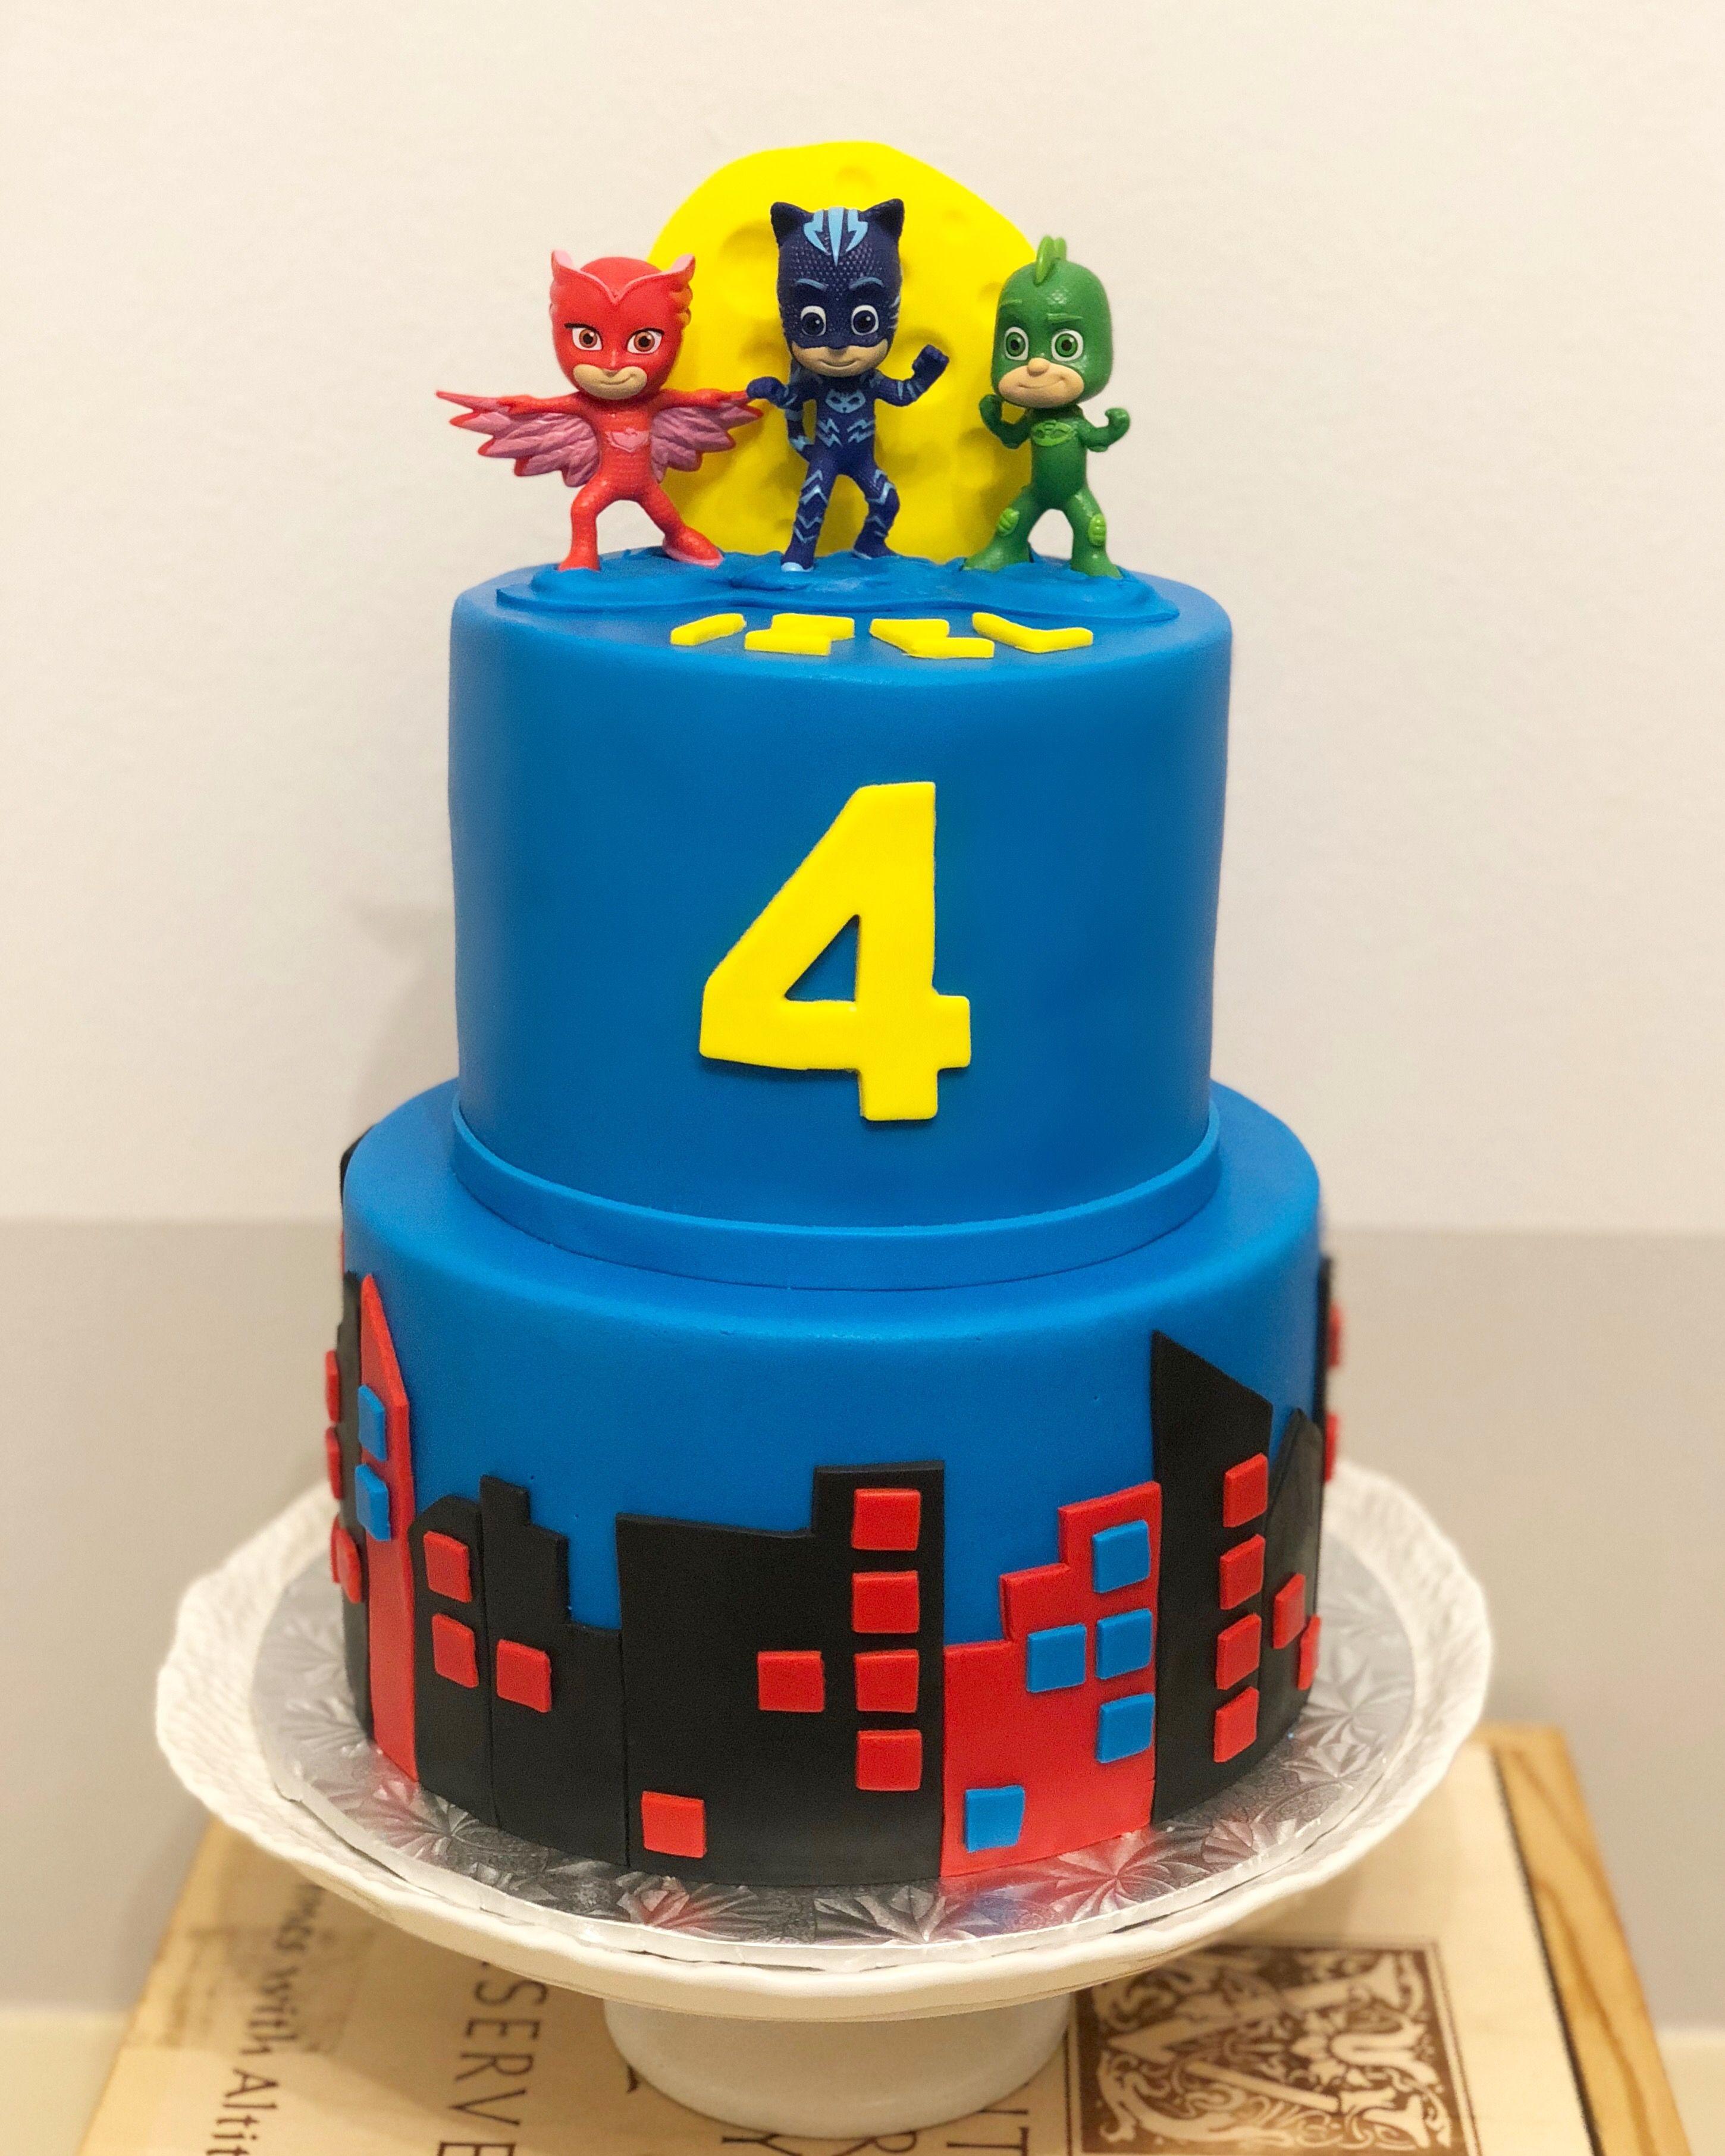 pj masks cake | pj masks birthday cake, pj masks cake